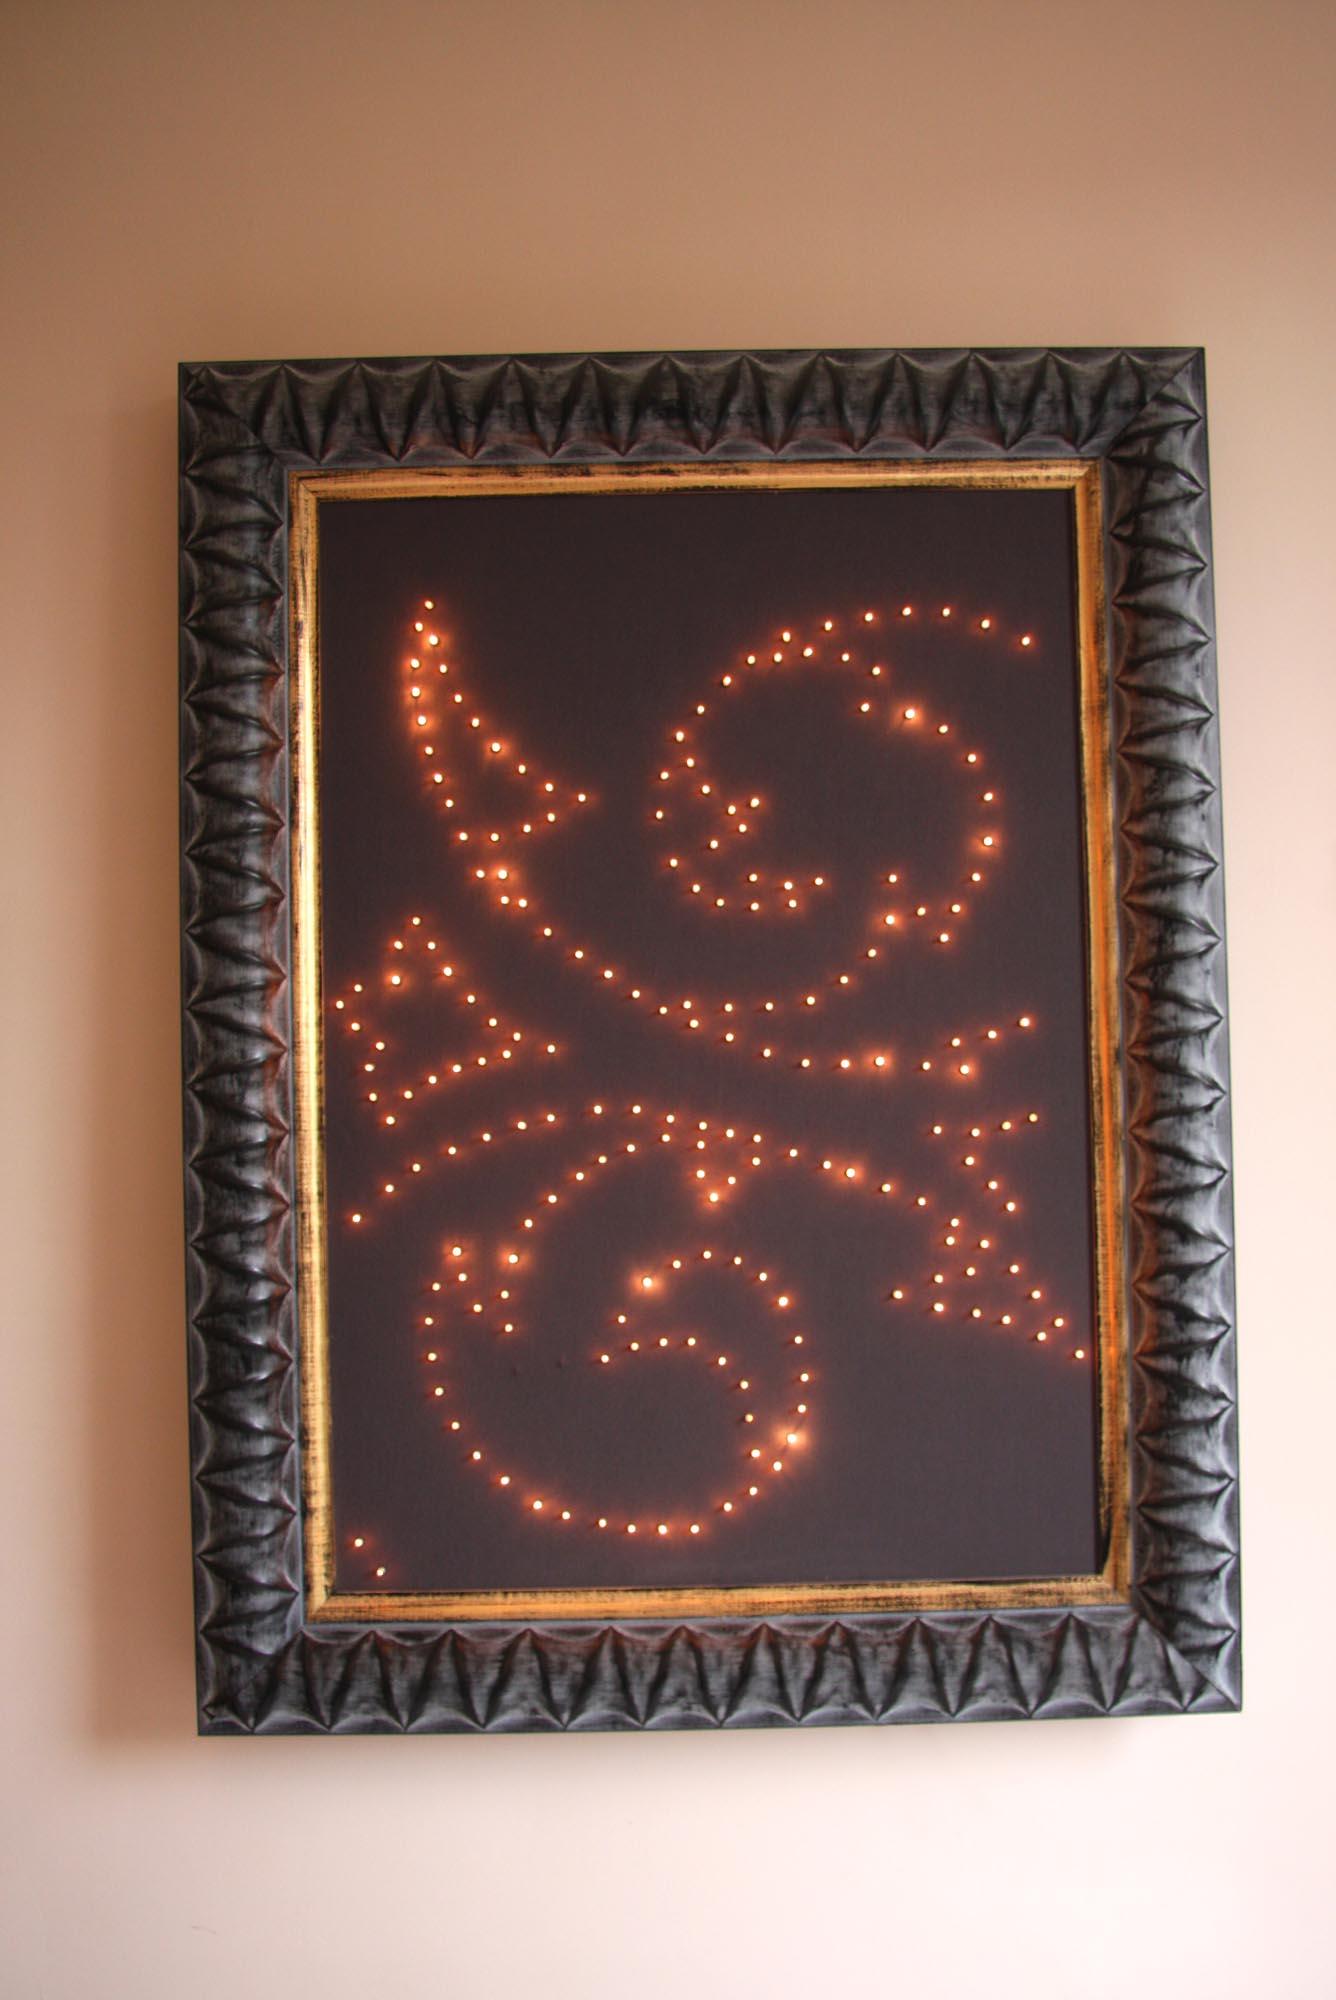 Panneau mural étoilé, LEDs blanc chaud, bois HLP 103x56x8cm